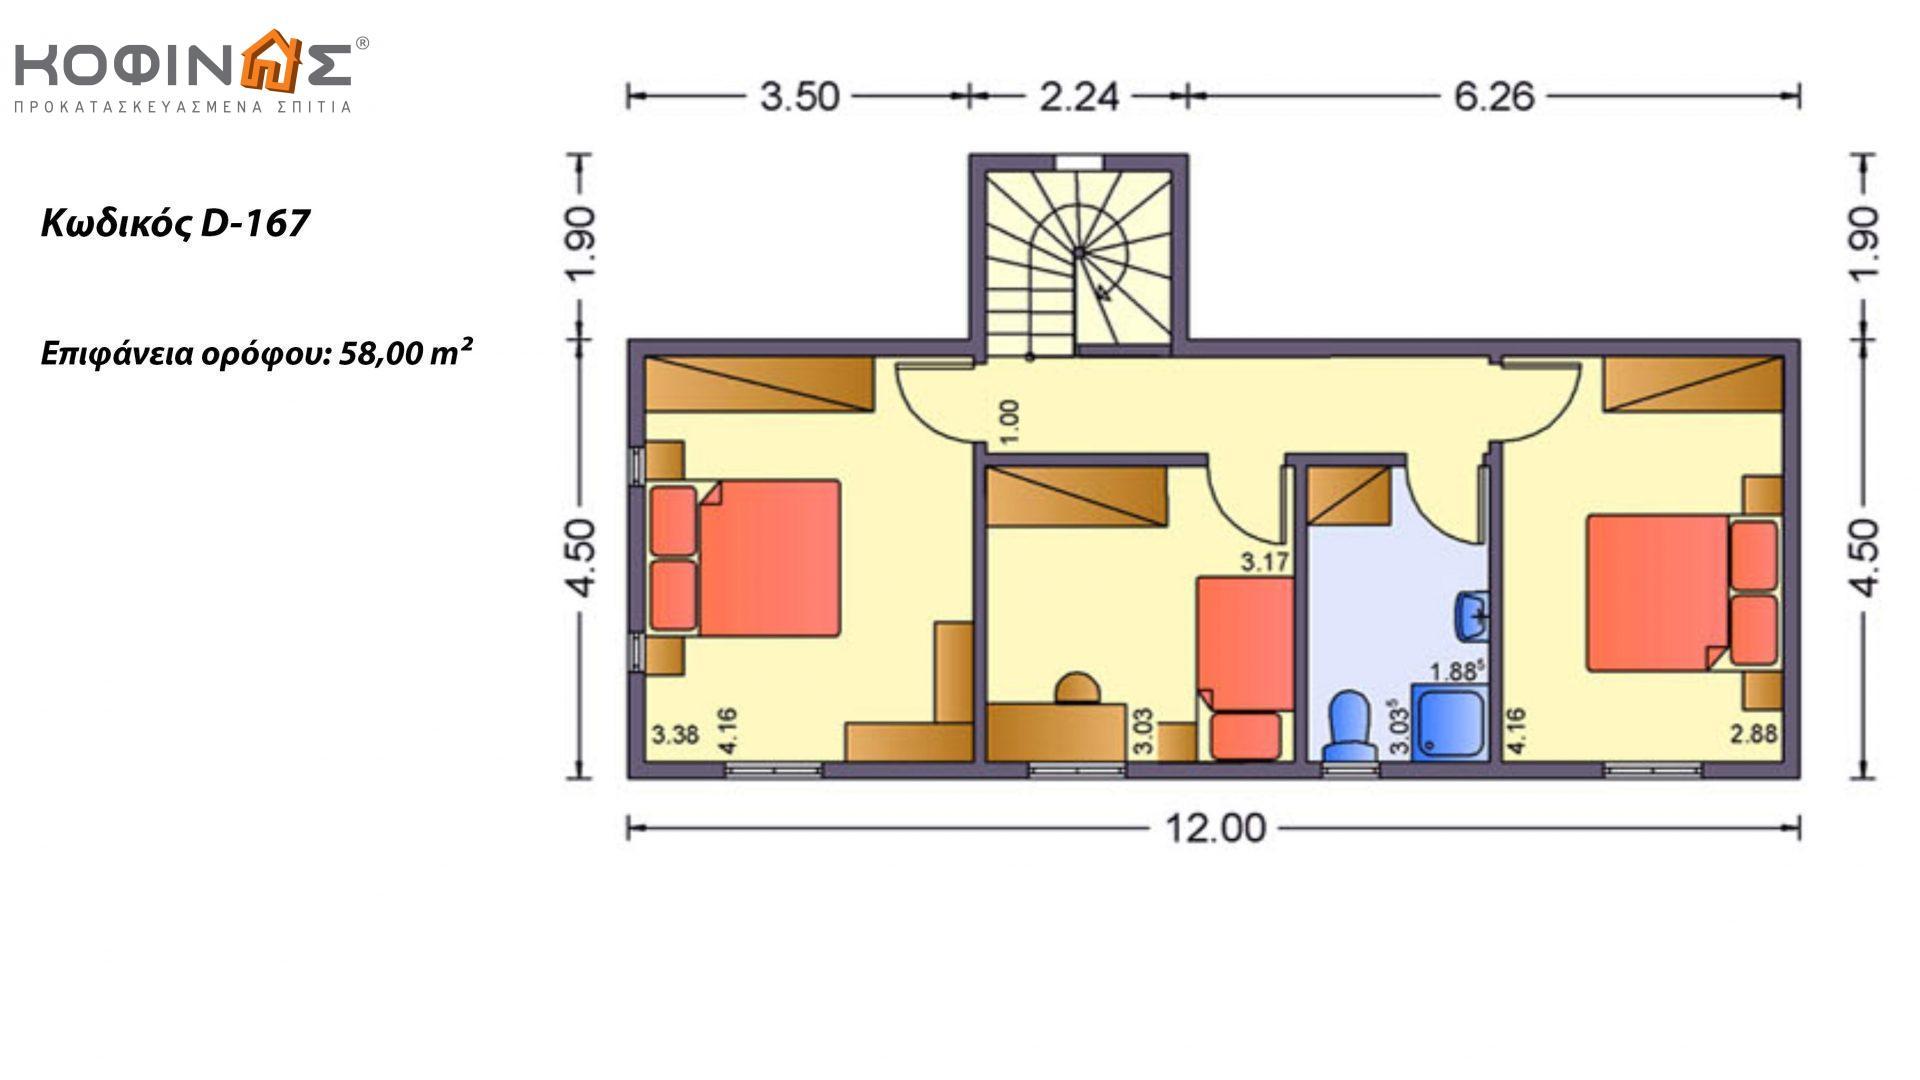 Διώροφη Κατοικία D-167, συνολικής επιφάνειας 167,00 τ.μ., συνολική επιφάνεια στεγασμένων χώρων 15.10 τ.μ.,